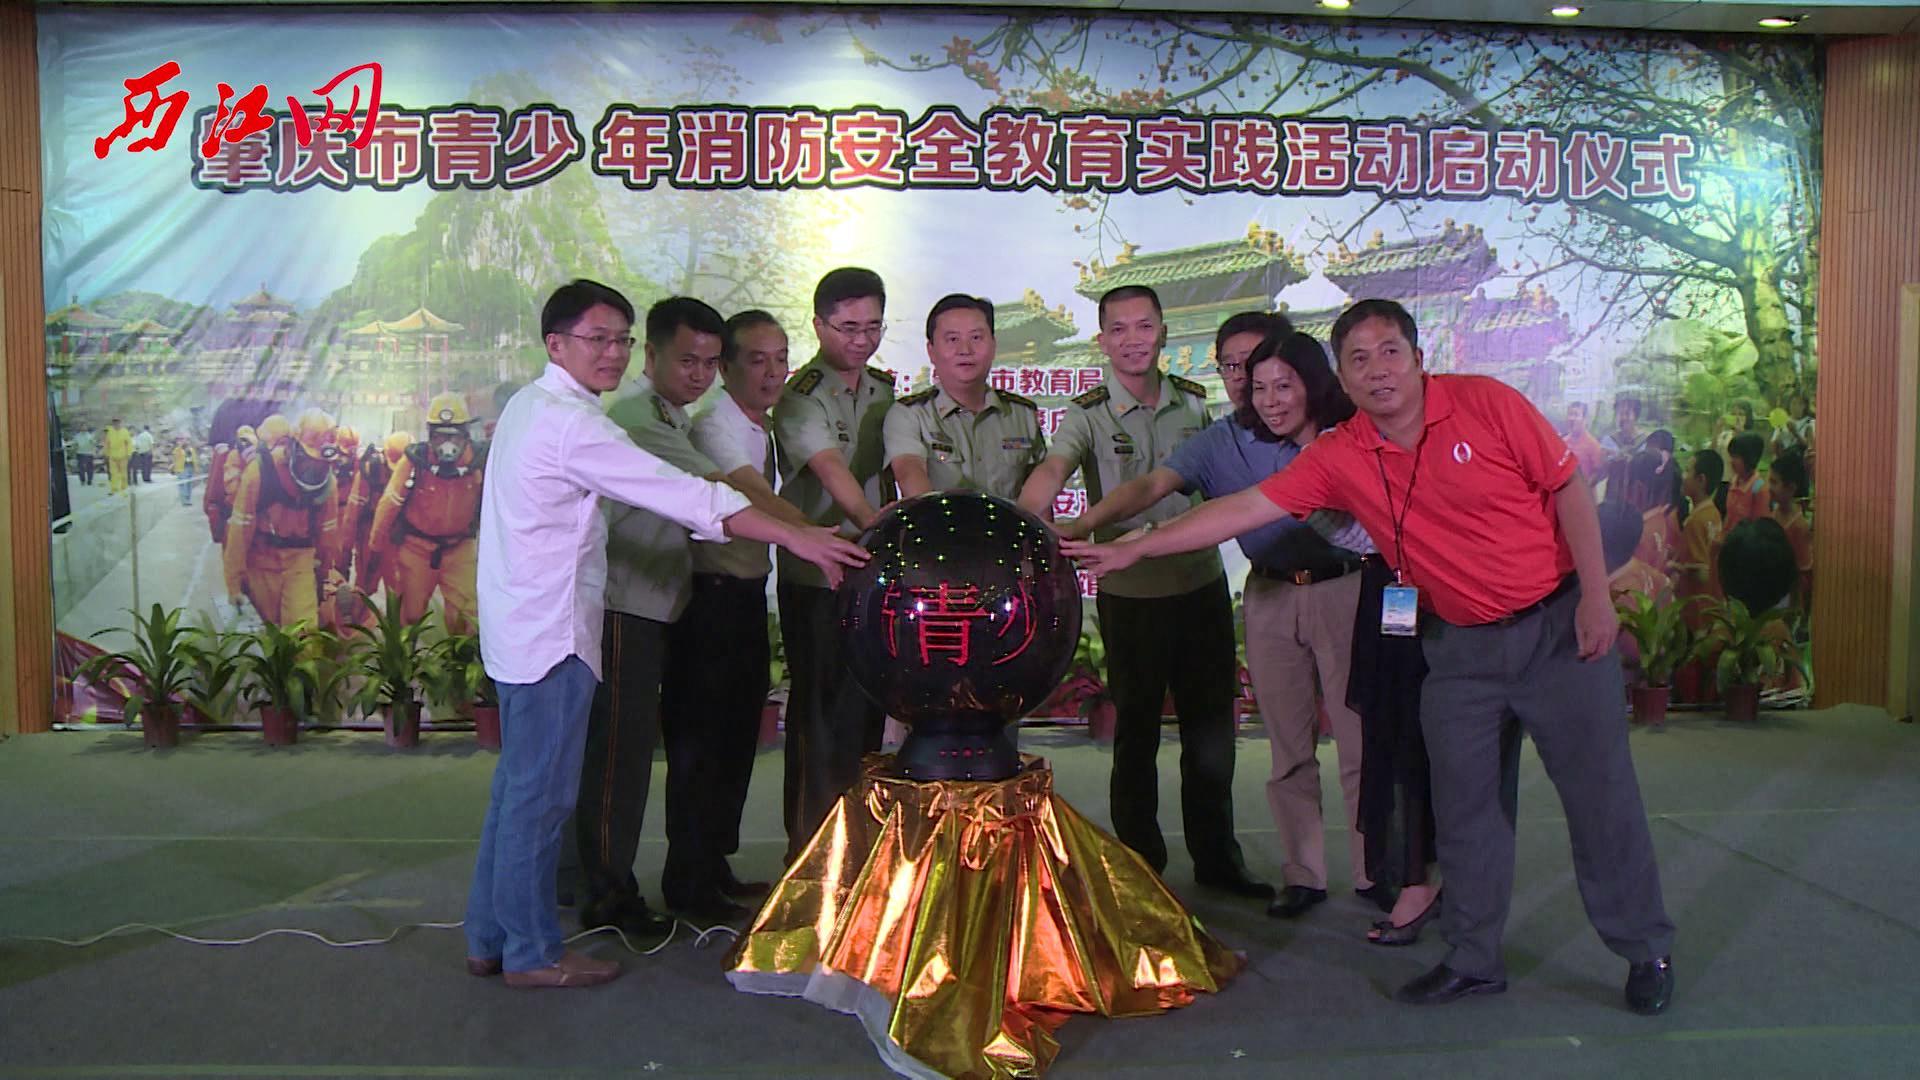 肇庆市青少年消防安全教育实践活动正式启动